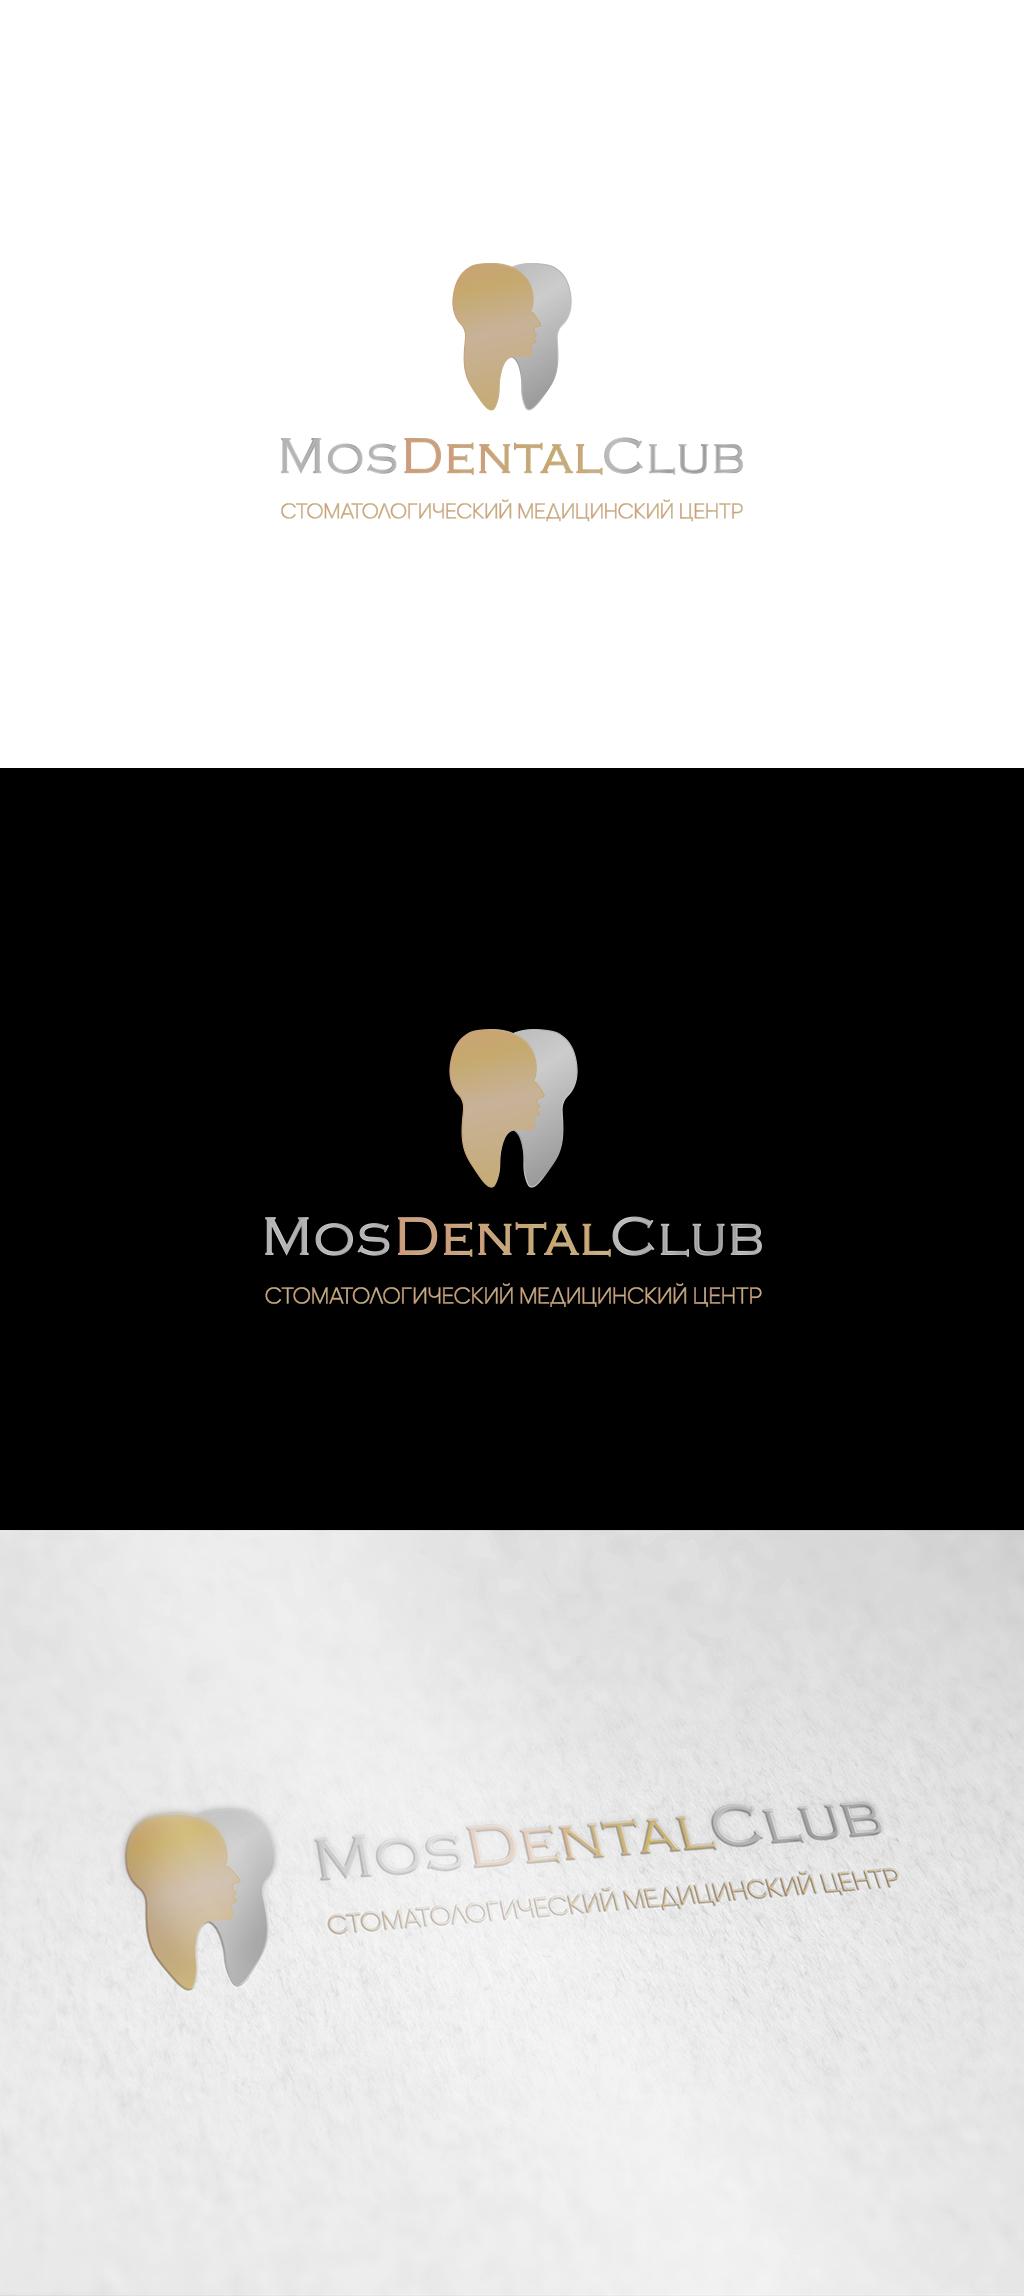 Разработка логотипа стоматологического медицинского центра фото f_6395e4fc1d01dc5f.jpg